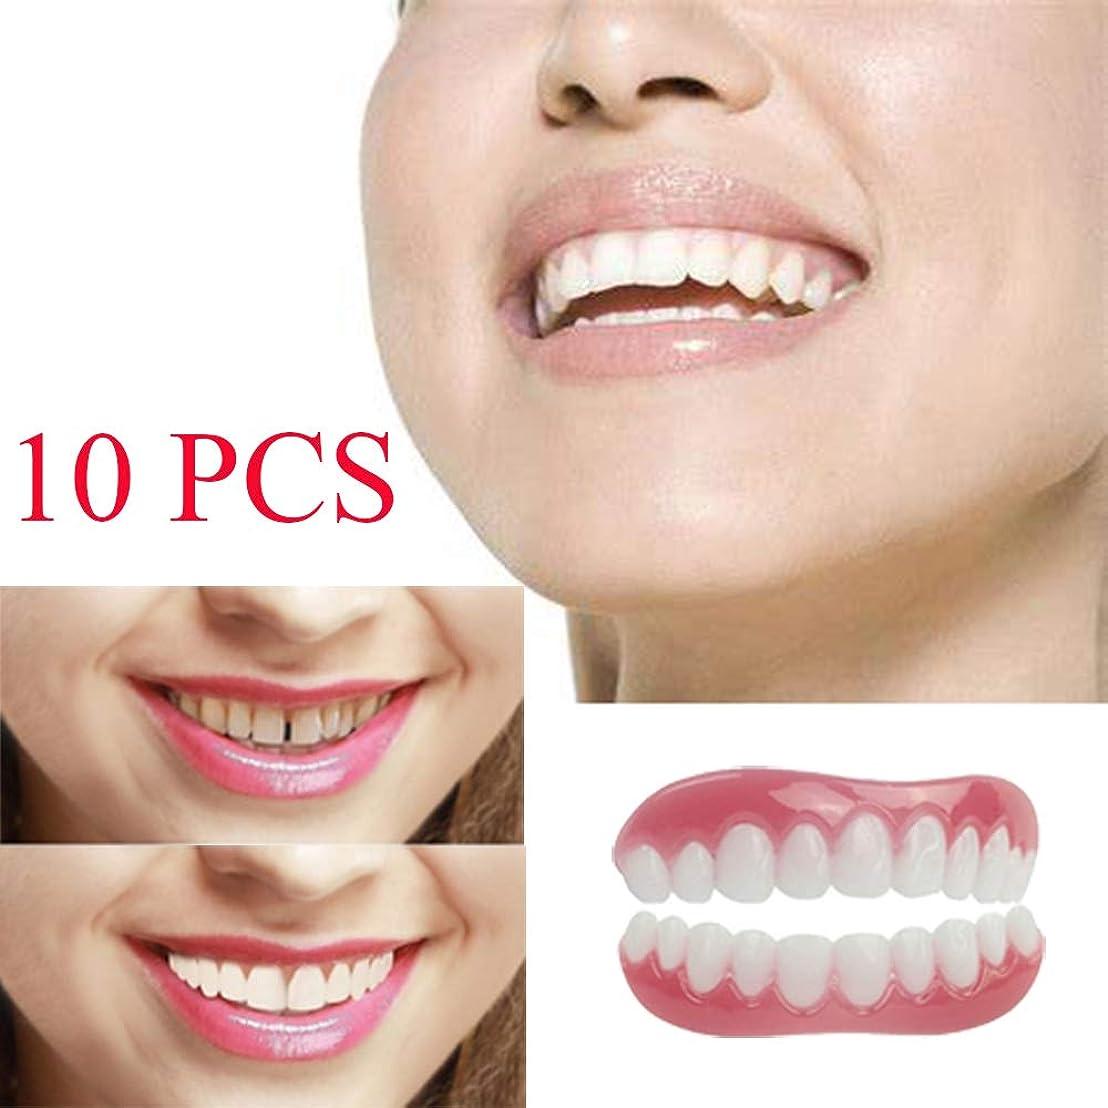 小売不利のためにホワイト模擬歯10個化粧品歯コンフォートソフトメイクアップベニヤステッカーフェイスパーフェクトスマイル義歯口腔衛生ケア(上+下)